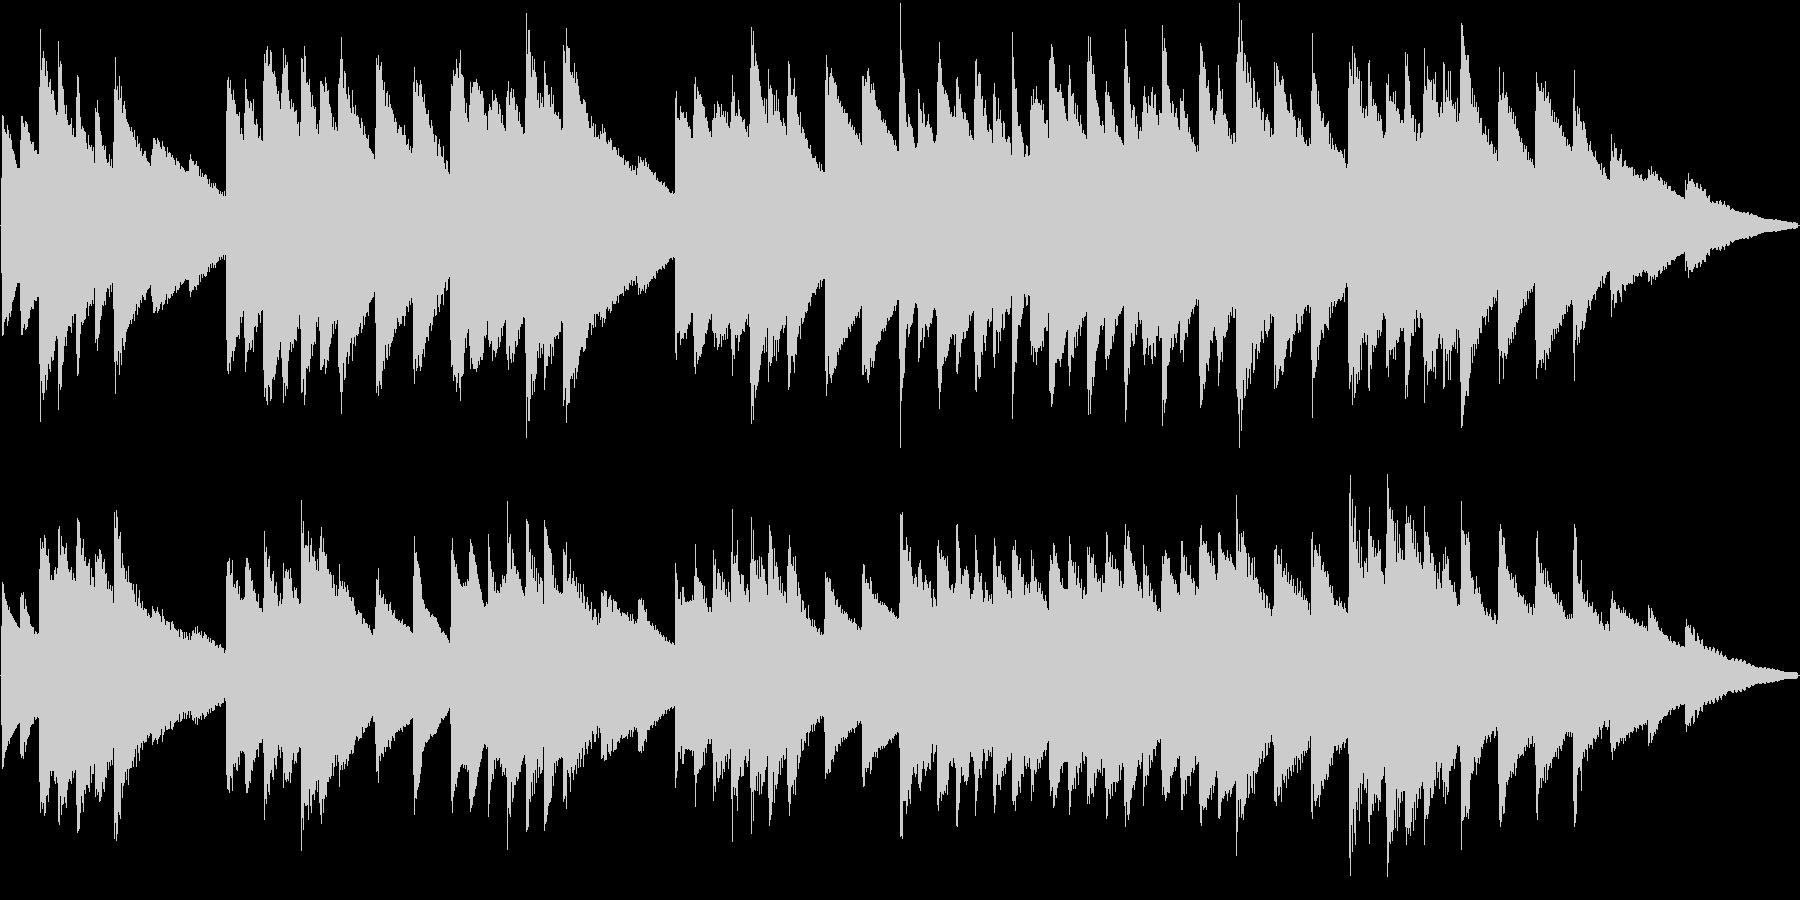 オルゴール曲で、中毒性のある曲です。の未再生の波形